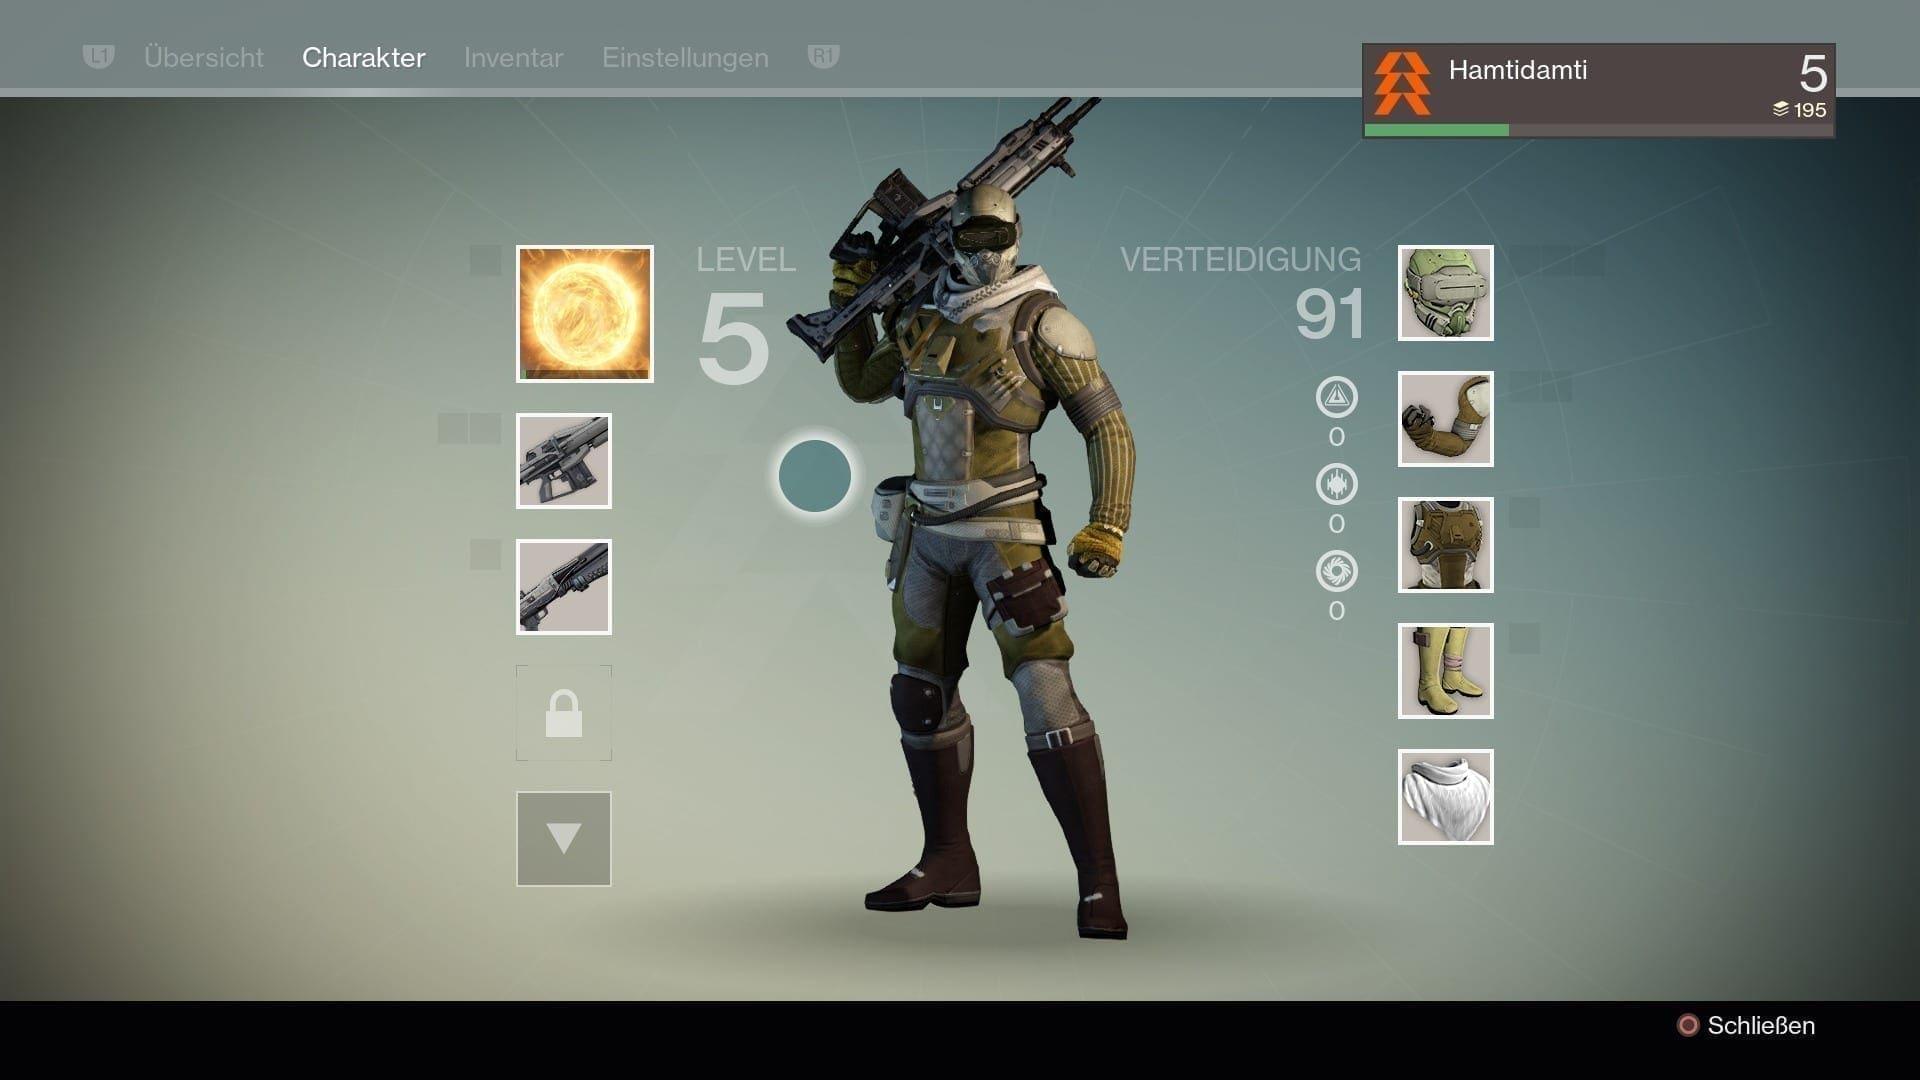 Menü für Charakter-Upgrades, Rüstungsteile und das Waffenarsenal